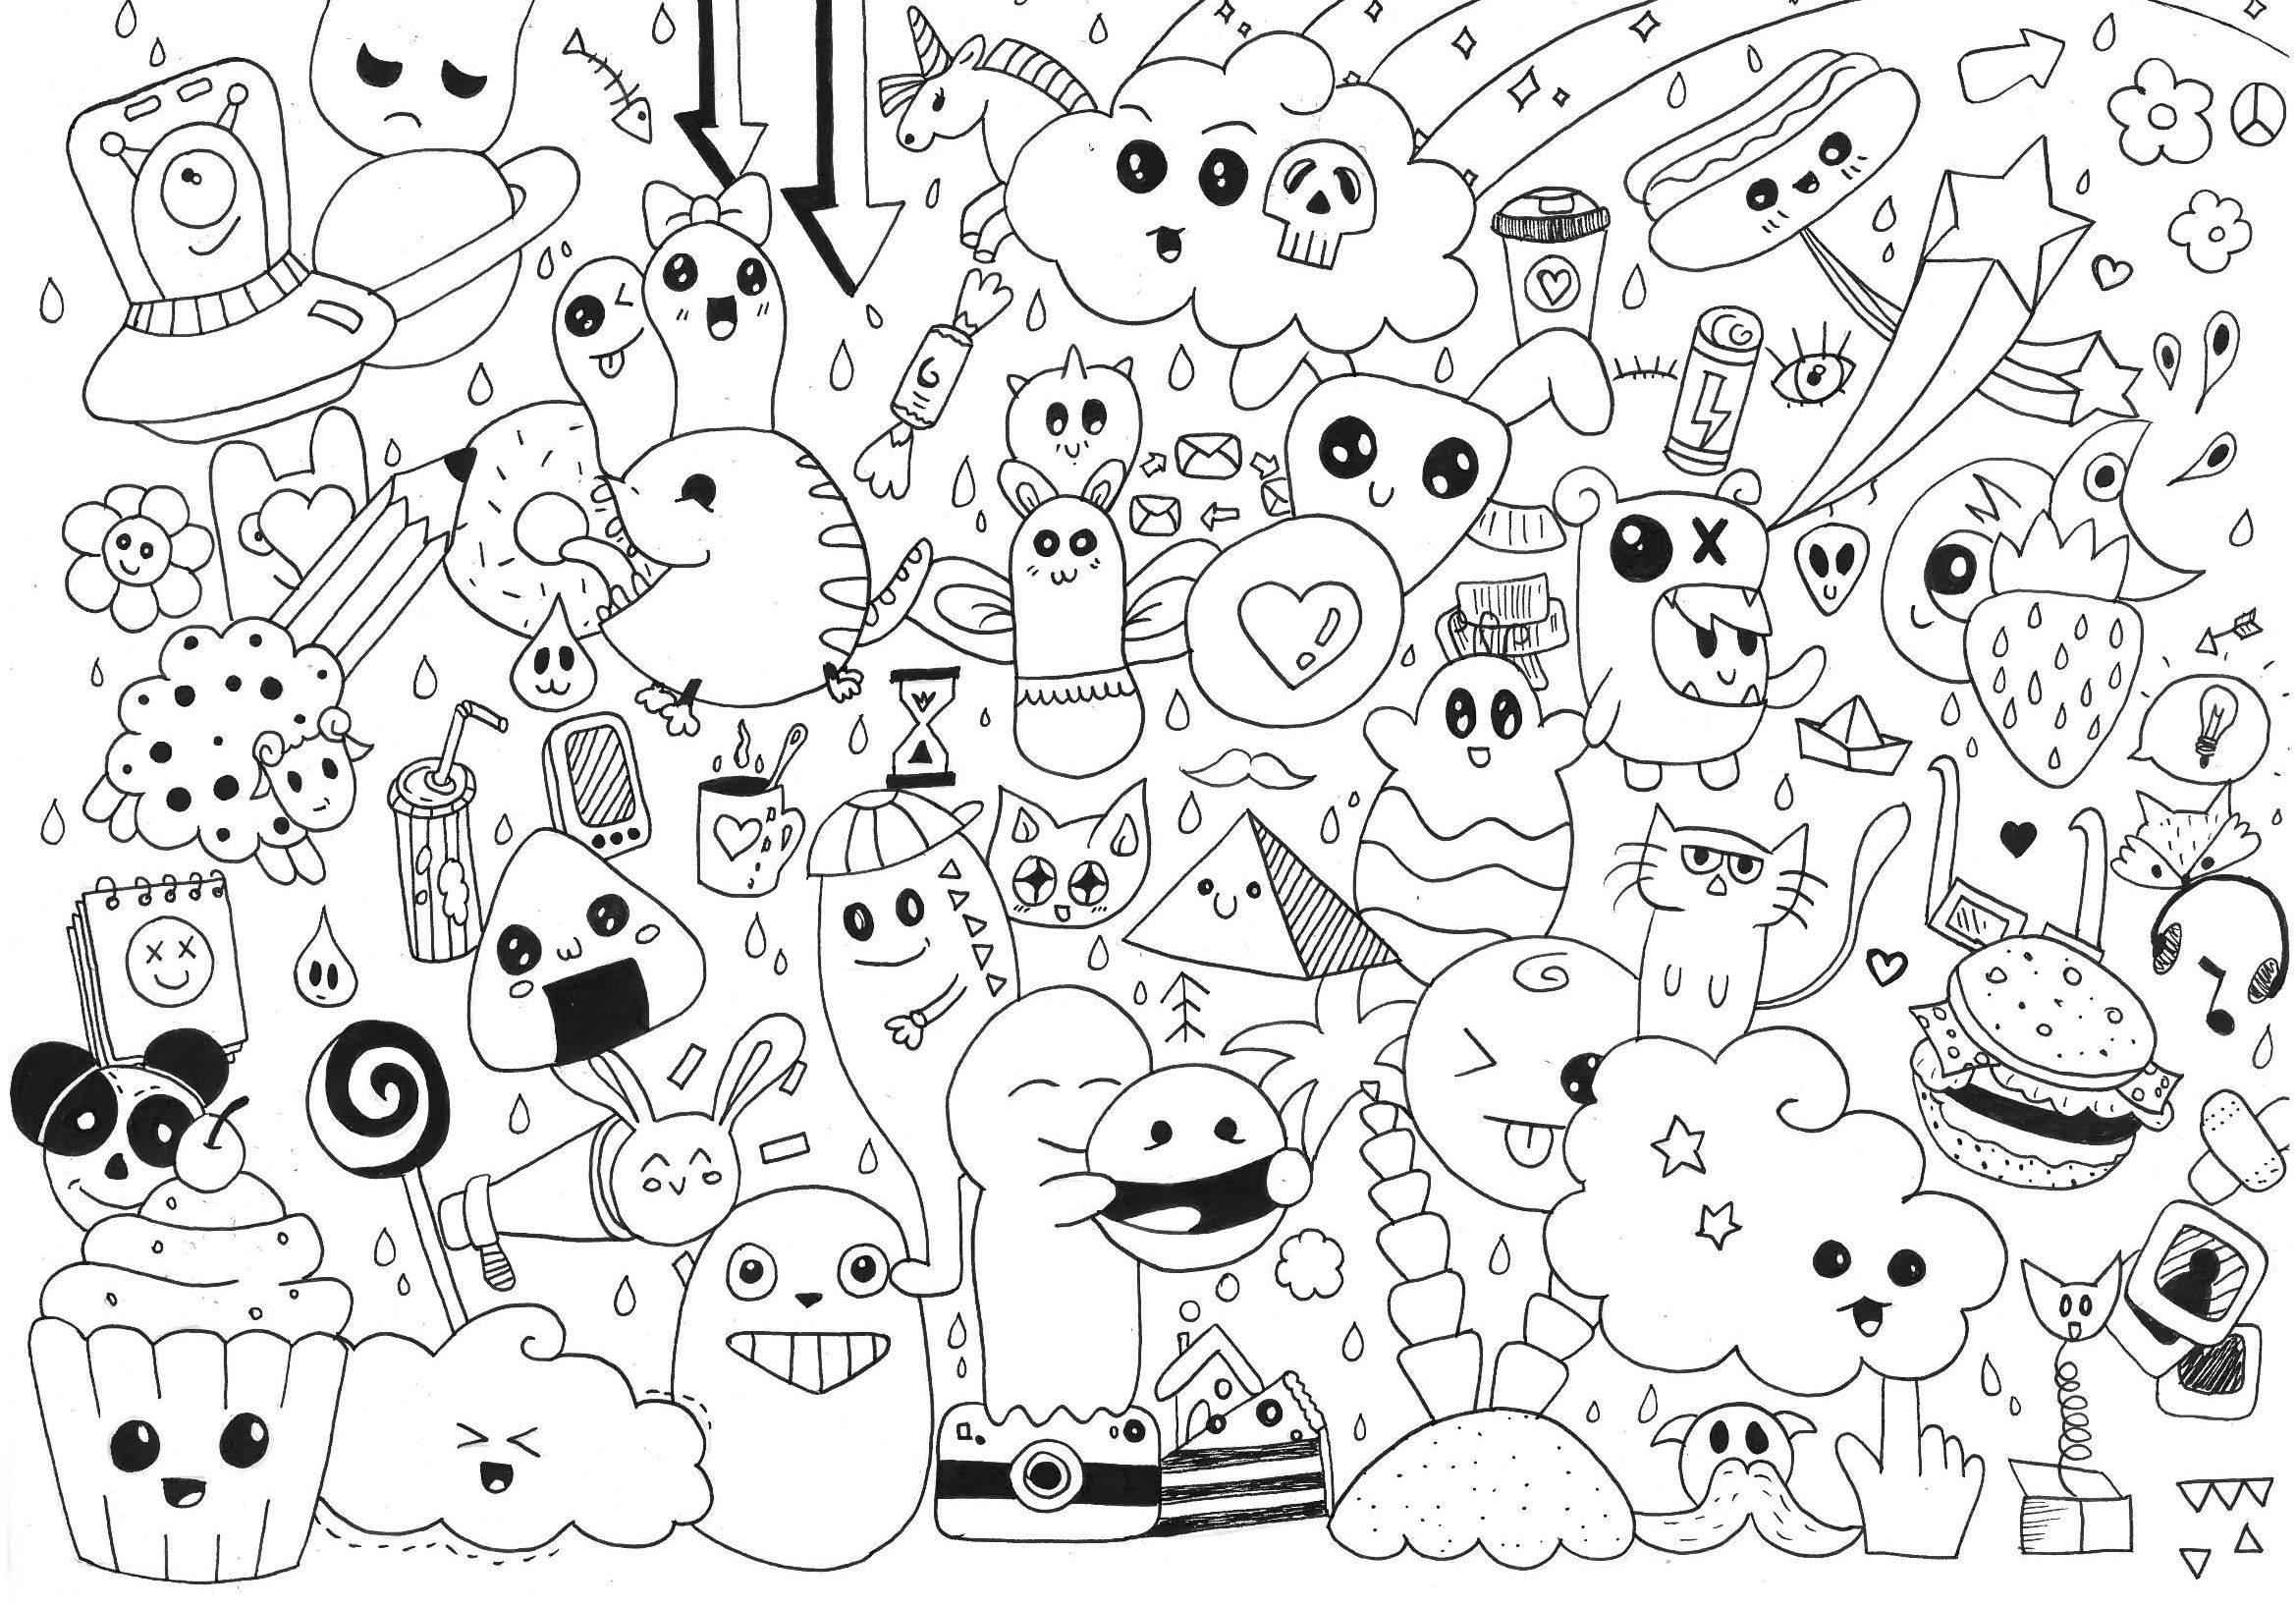 - Doodle Rachel - Rachel Coloring Pages For Adults - Just Color